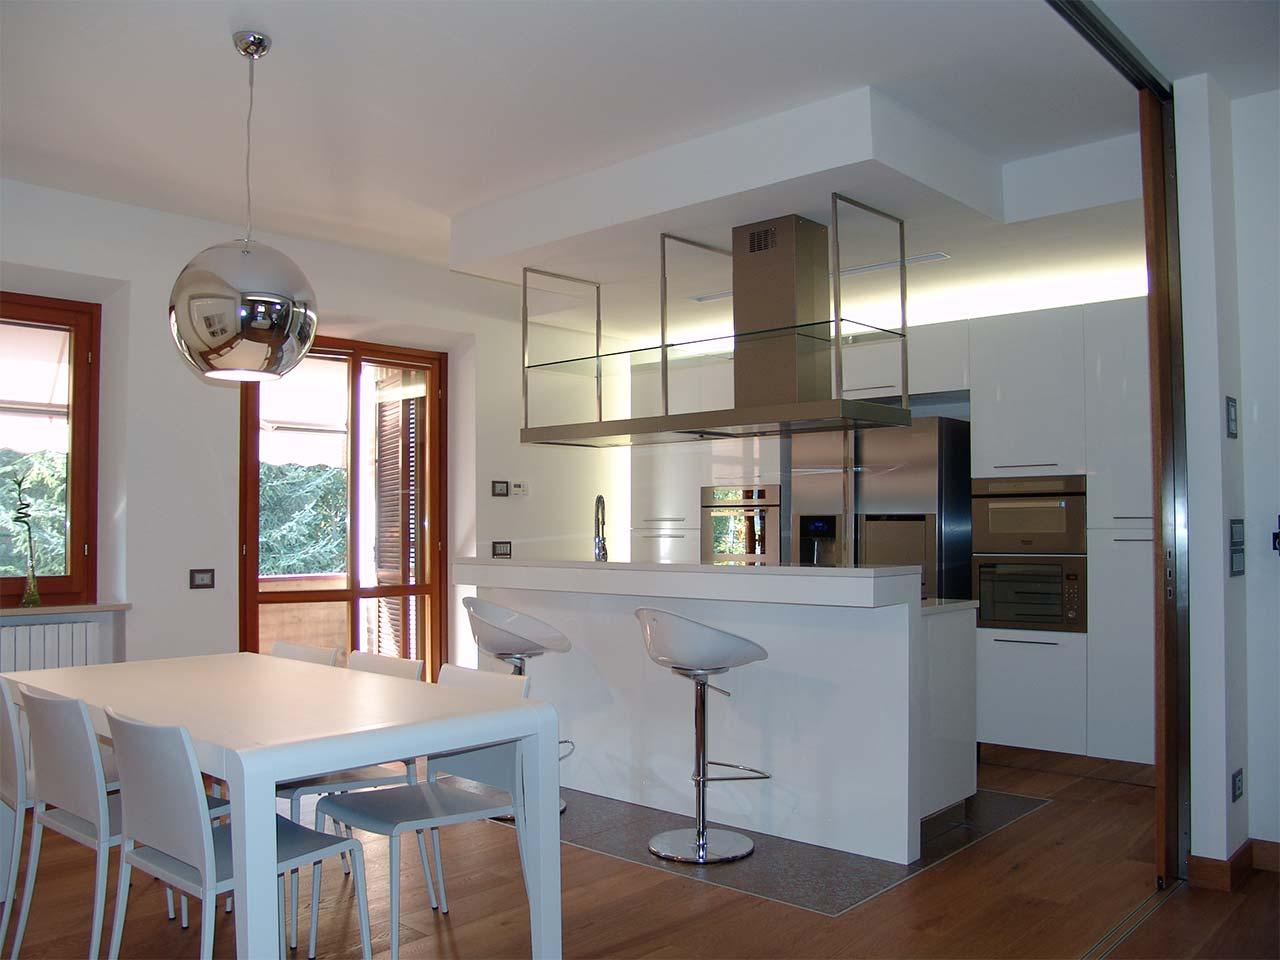 Cucina shabby disegno - Vetrate divisorie cucina soggiorno ...